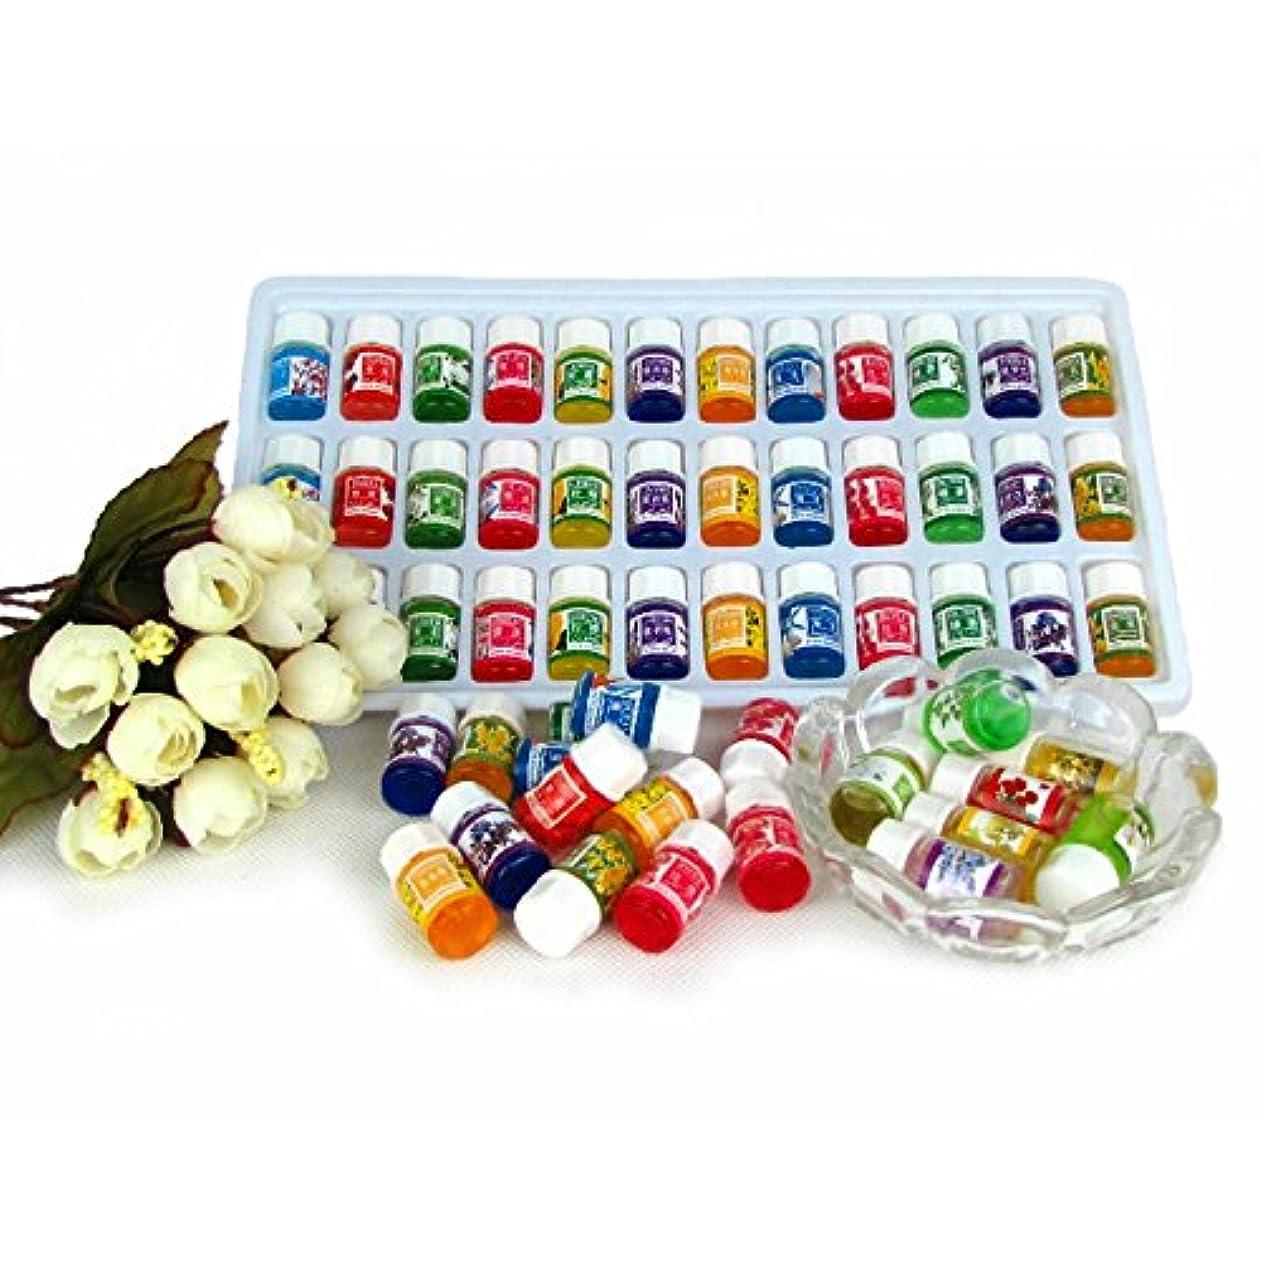 めまい結果として支配的Hongch ピュアラベンダーエッセンシャルオイル 毎日パックセット ナチュラル36pcs / lot 水溶性 12種類の香り 毎日